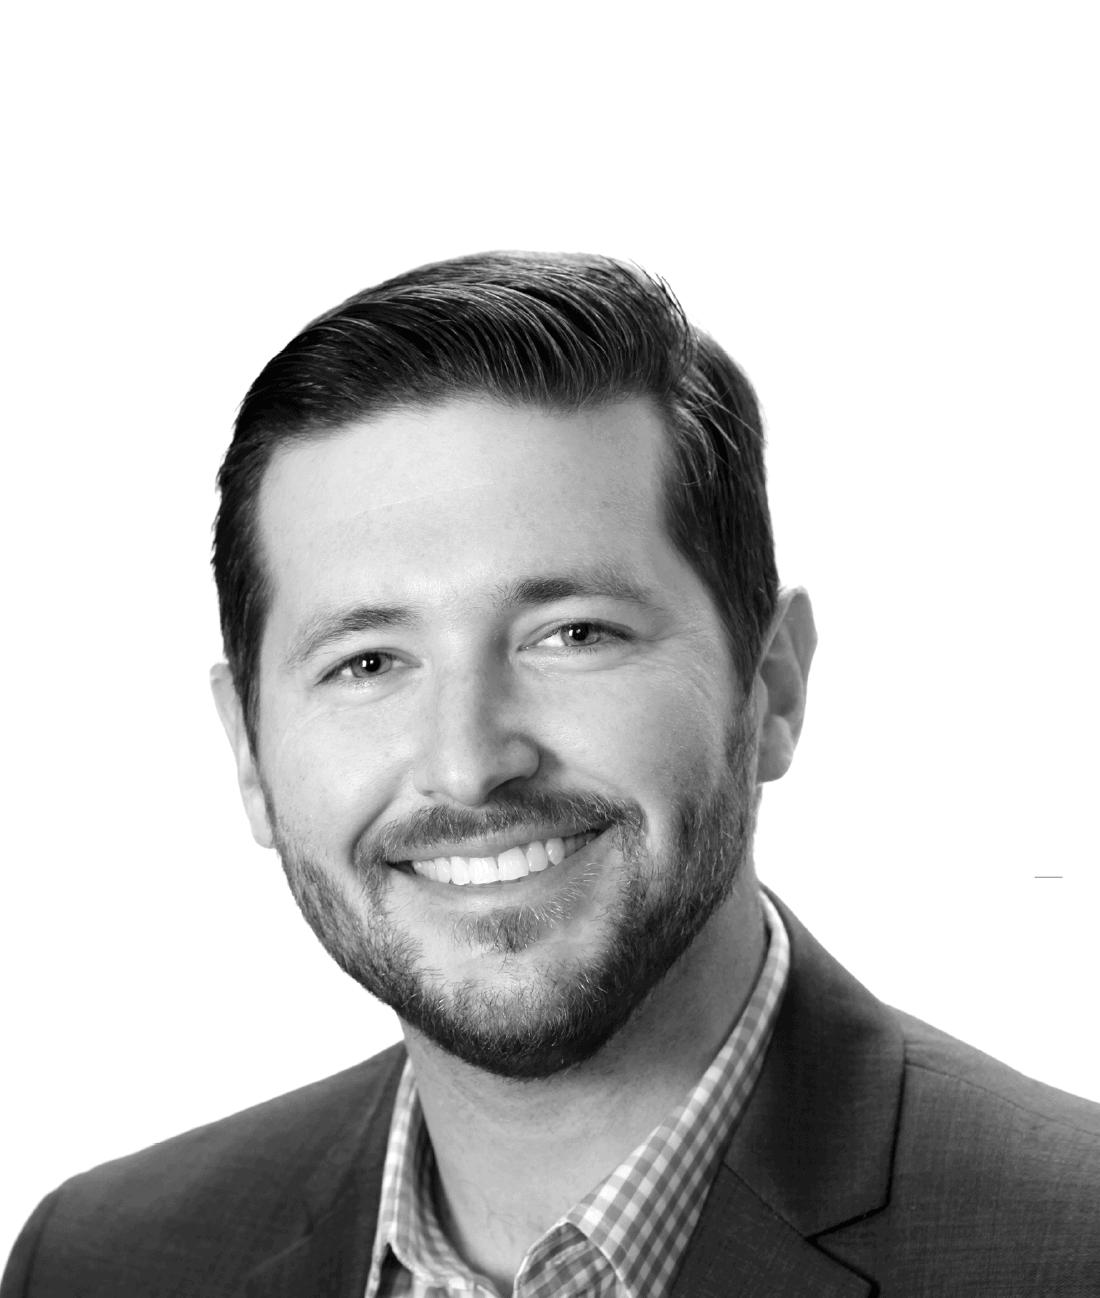 Jeff McDermott